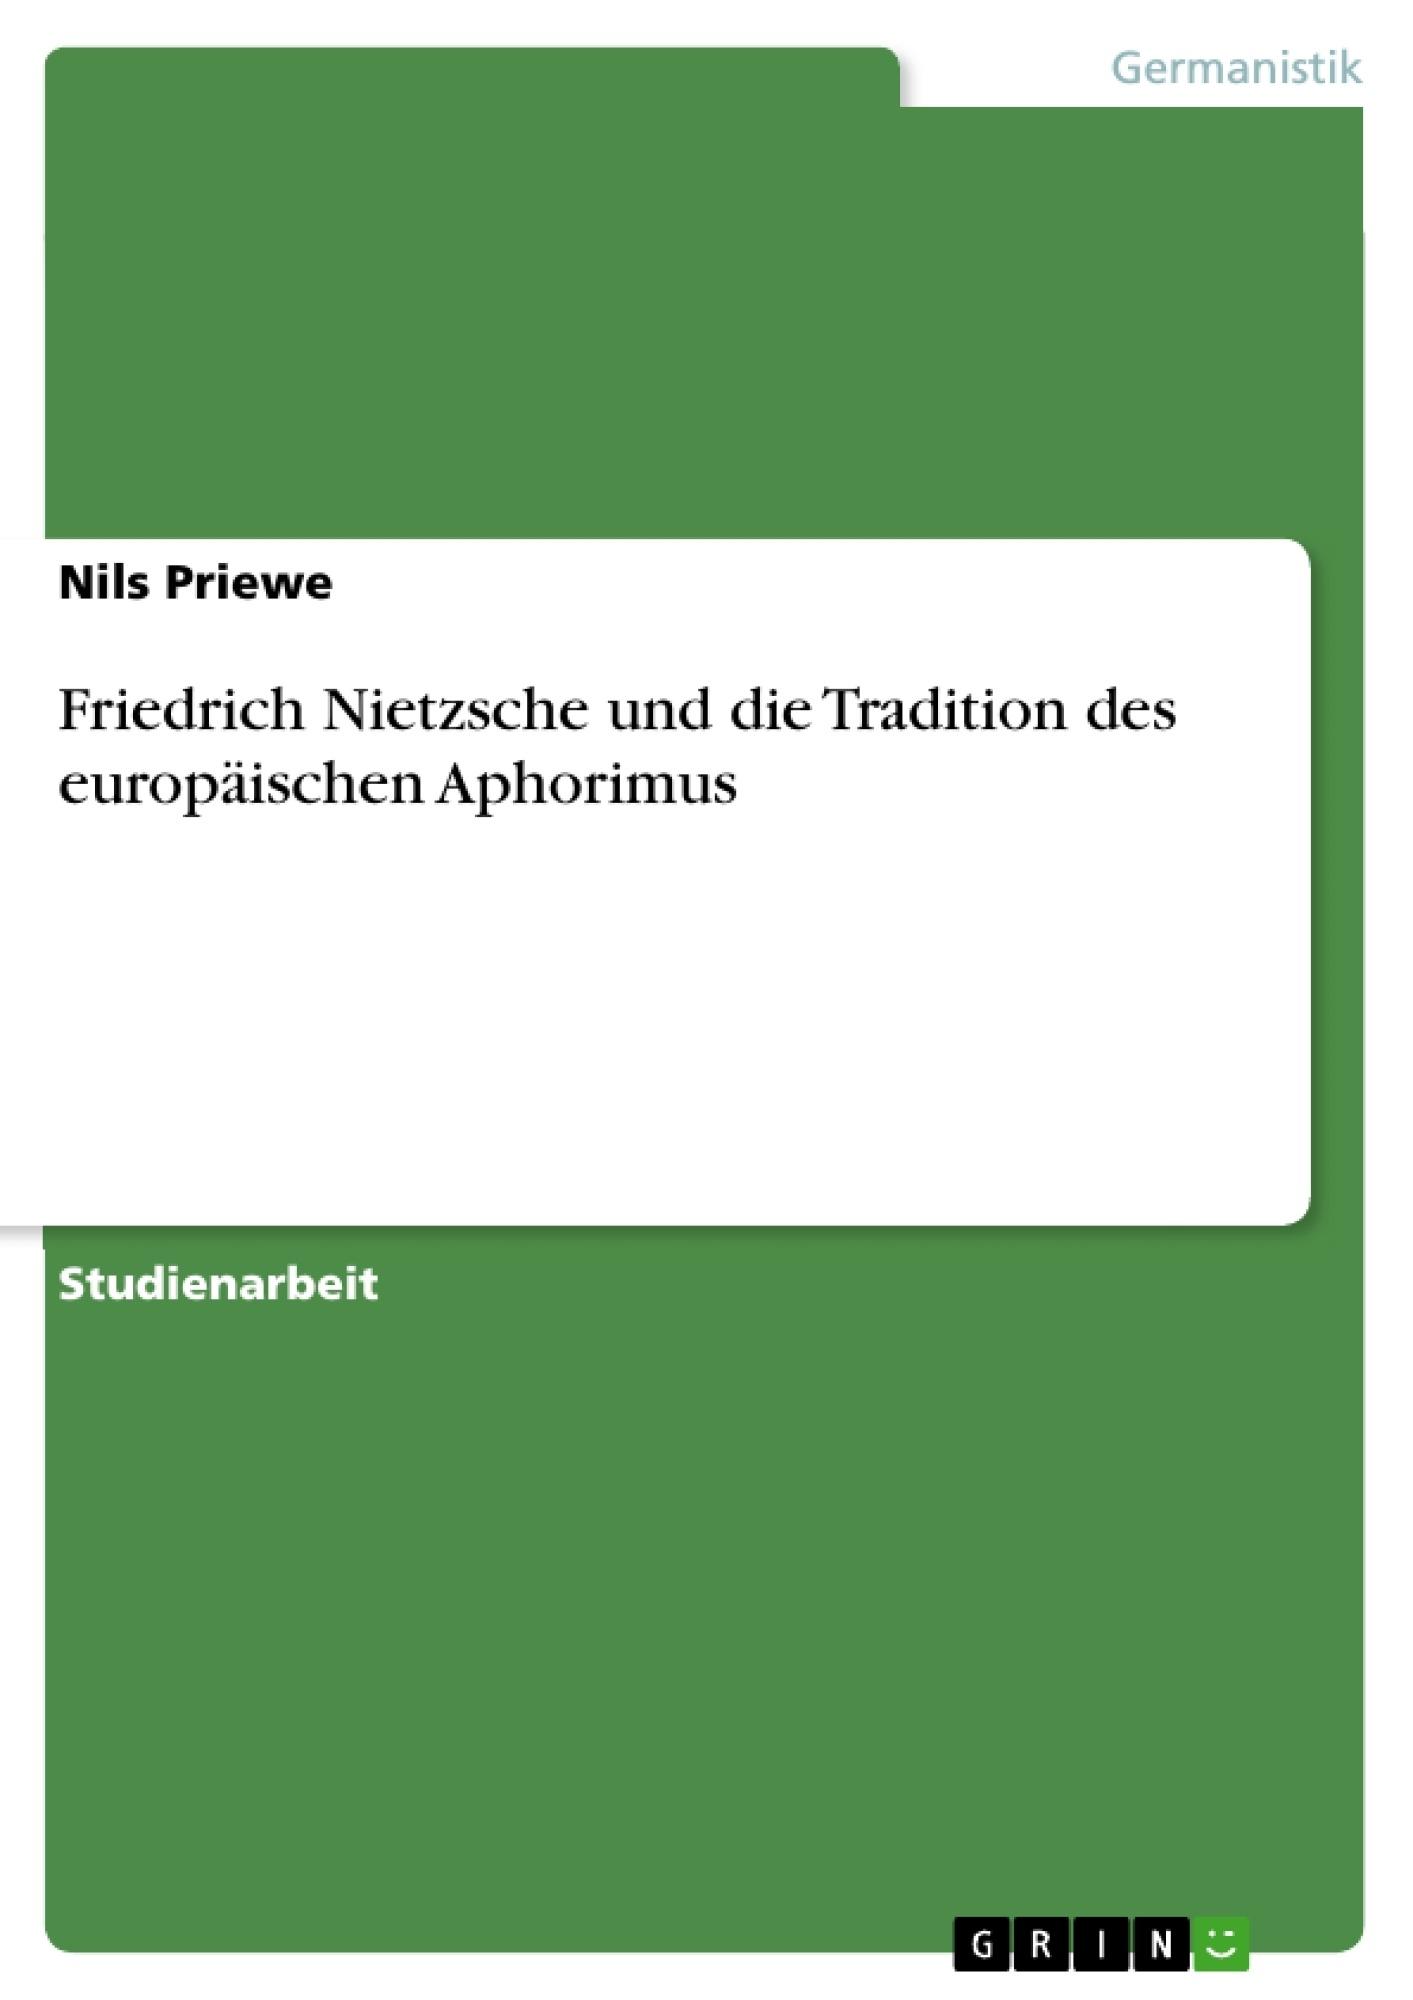 Titel: Friedrich Nietzsche und die Tradition des europäischen Aphorimus